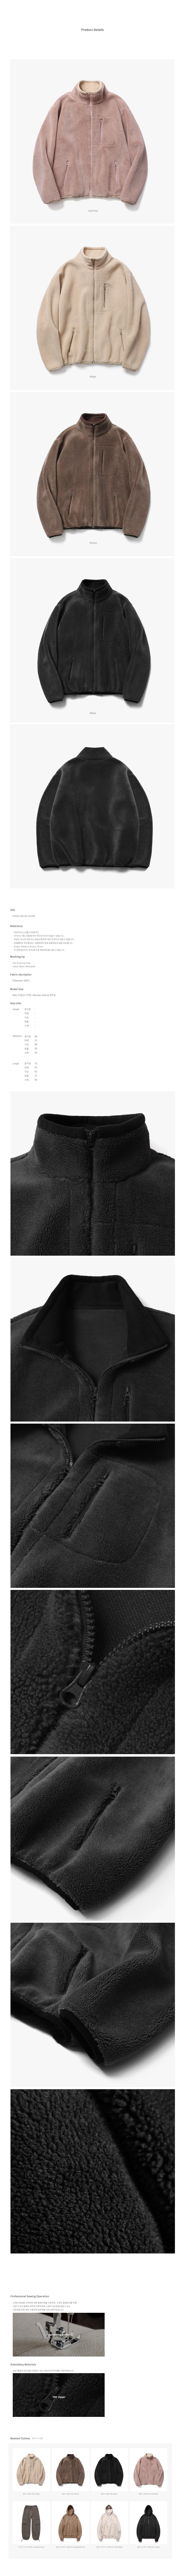 라퍼지스토어(LAFUDGESTORE) [SET]양털 플리스 집업 자켓